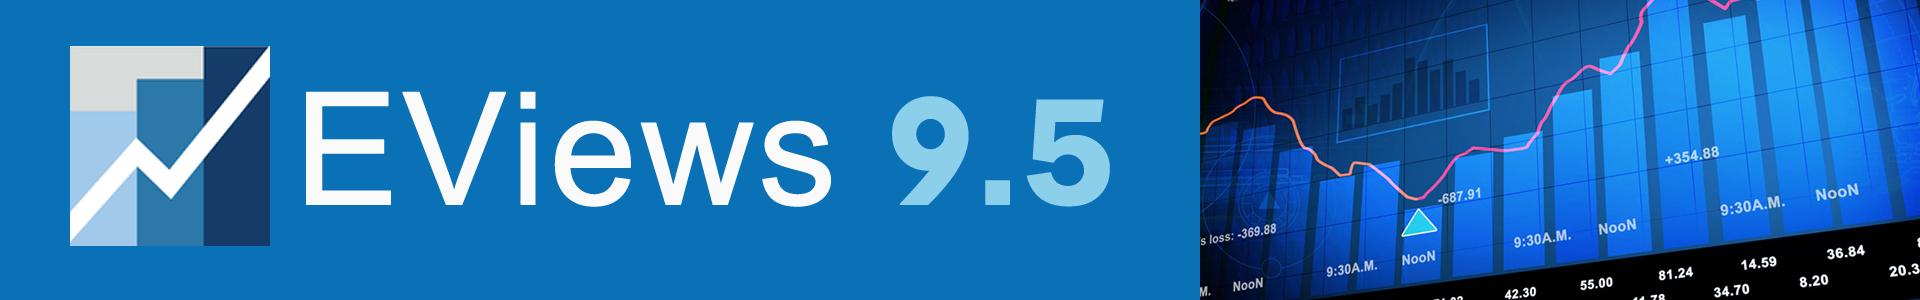 دانلود ایویوز 9.5